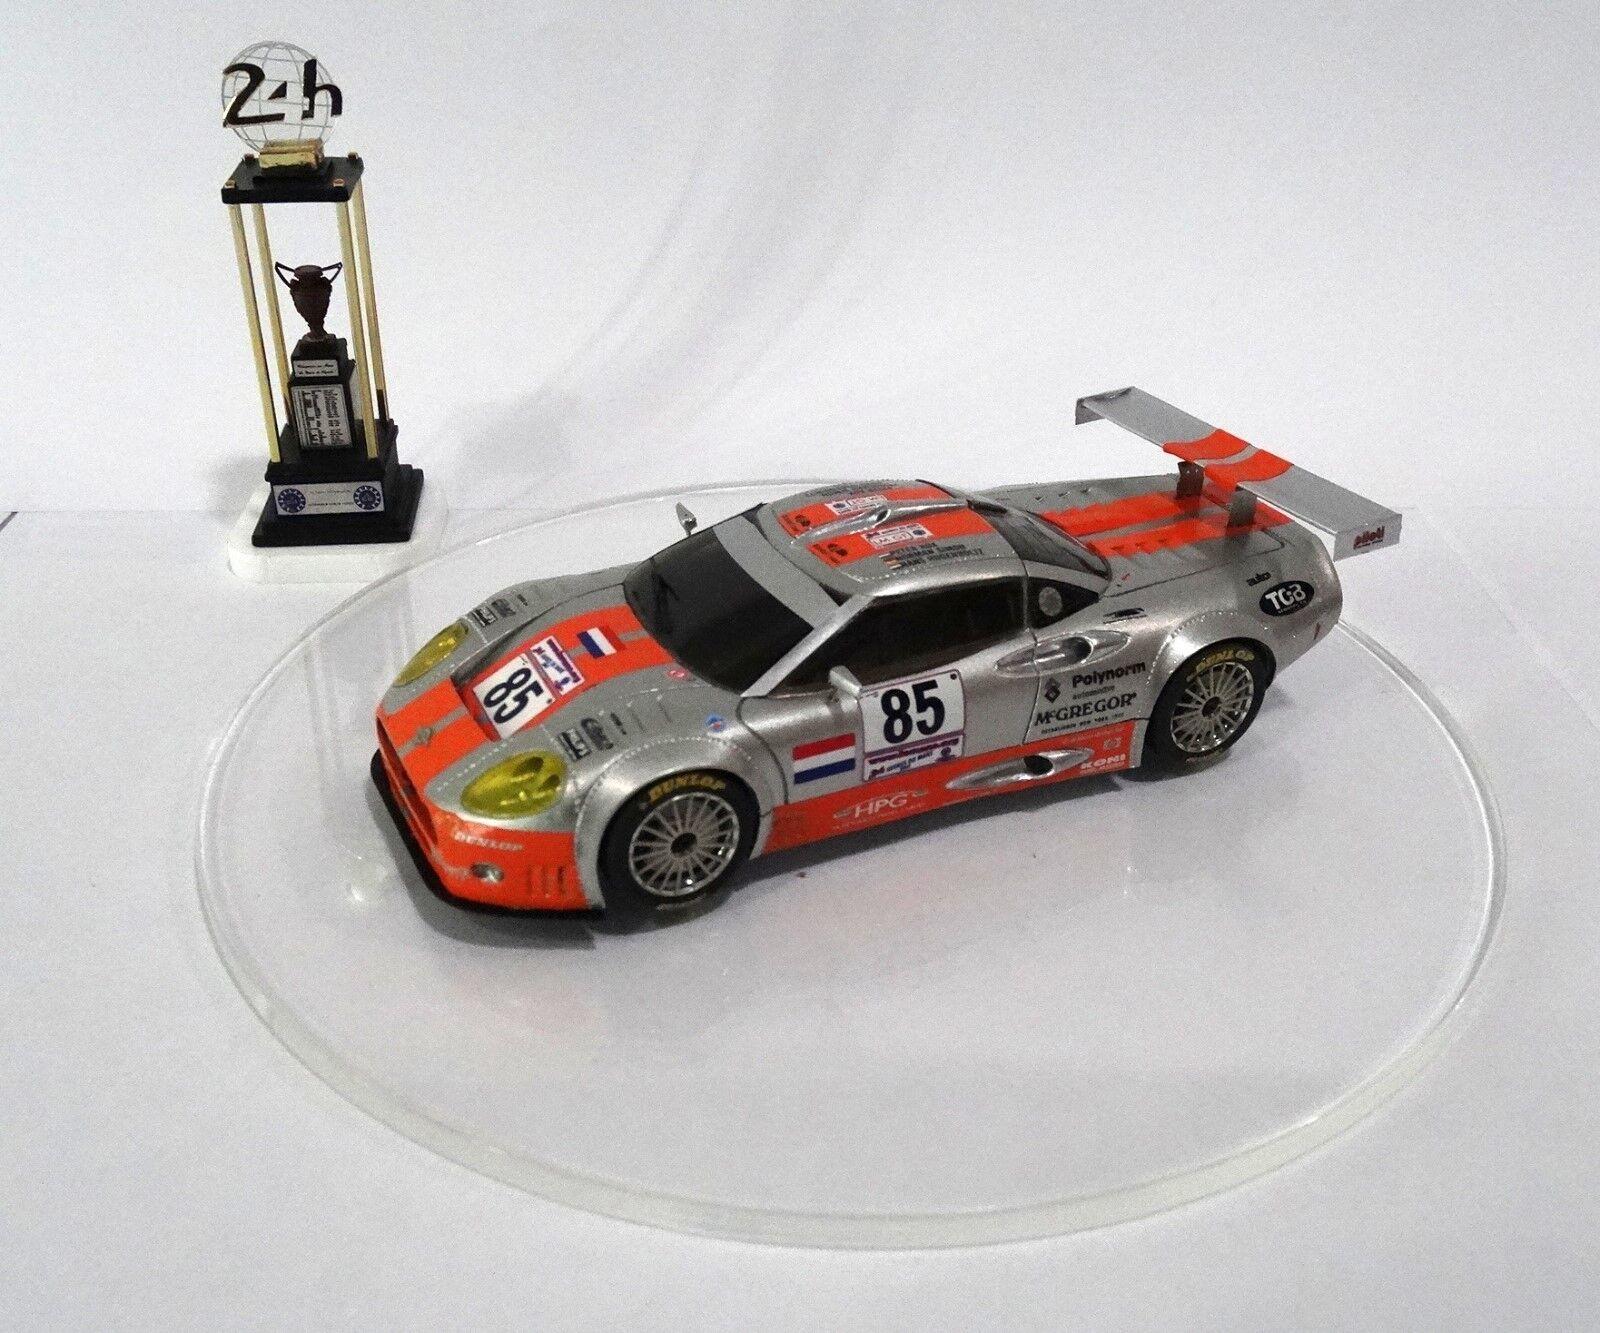 SPYKER C8 DOUBLE 12  8 24H Le Mans 2002 Built Monté Kit 1/43 no spark minichamps